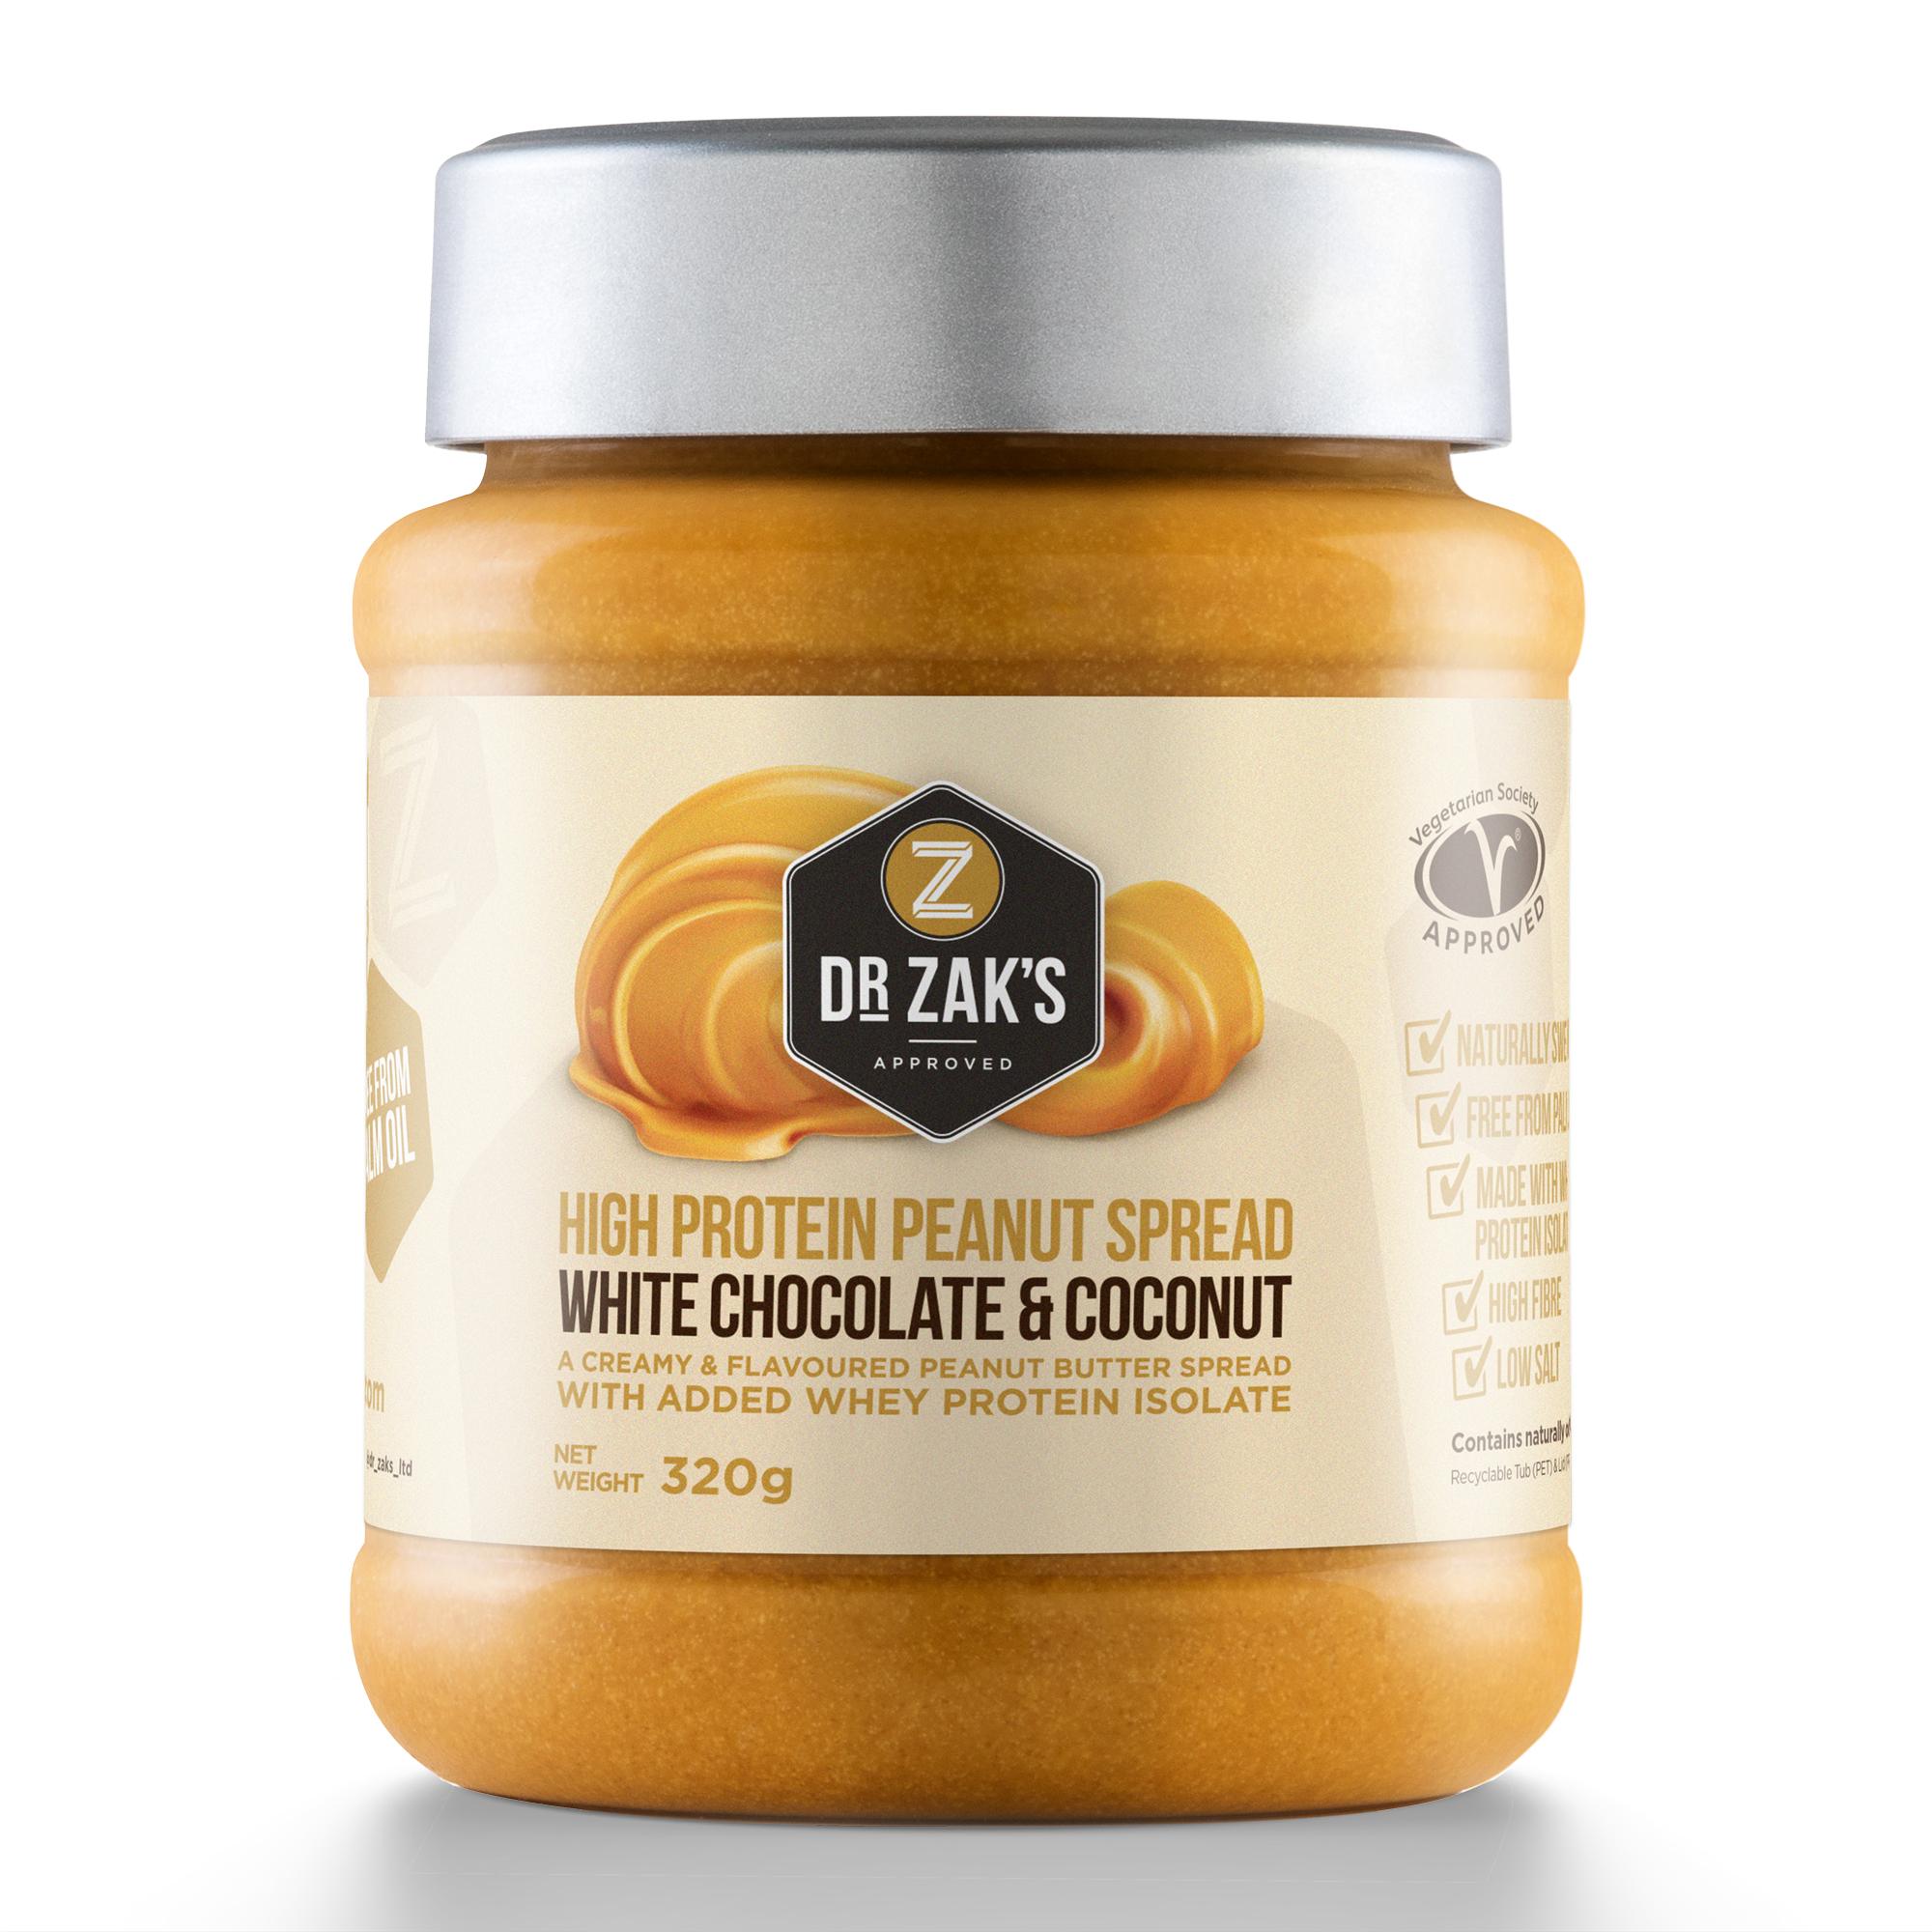 Dr Zaks High Protein Peanut Butter